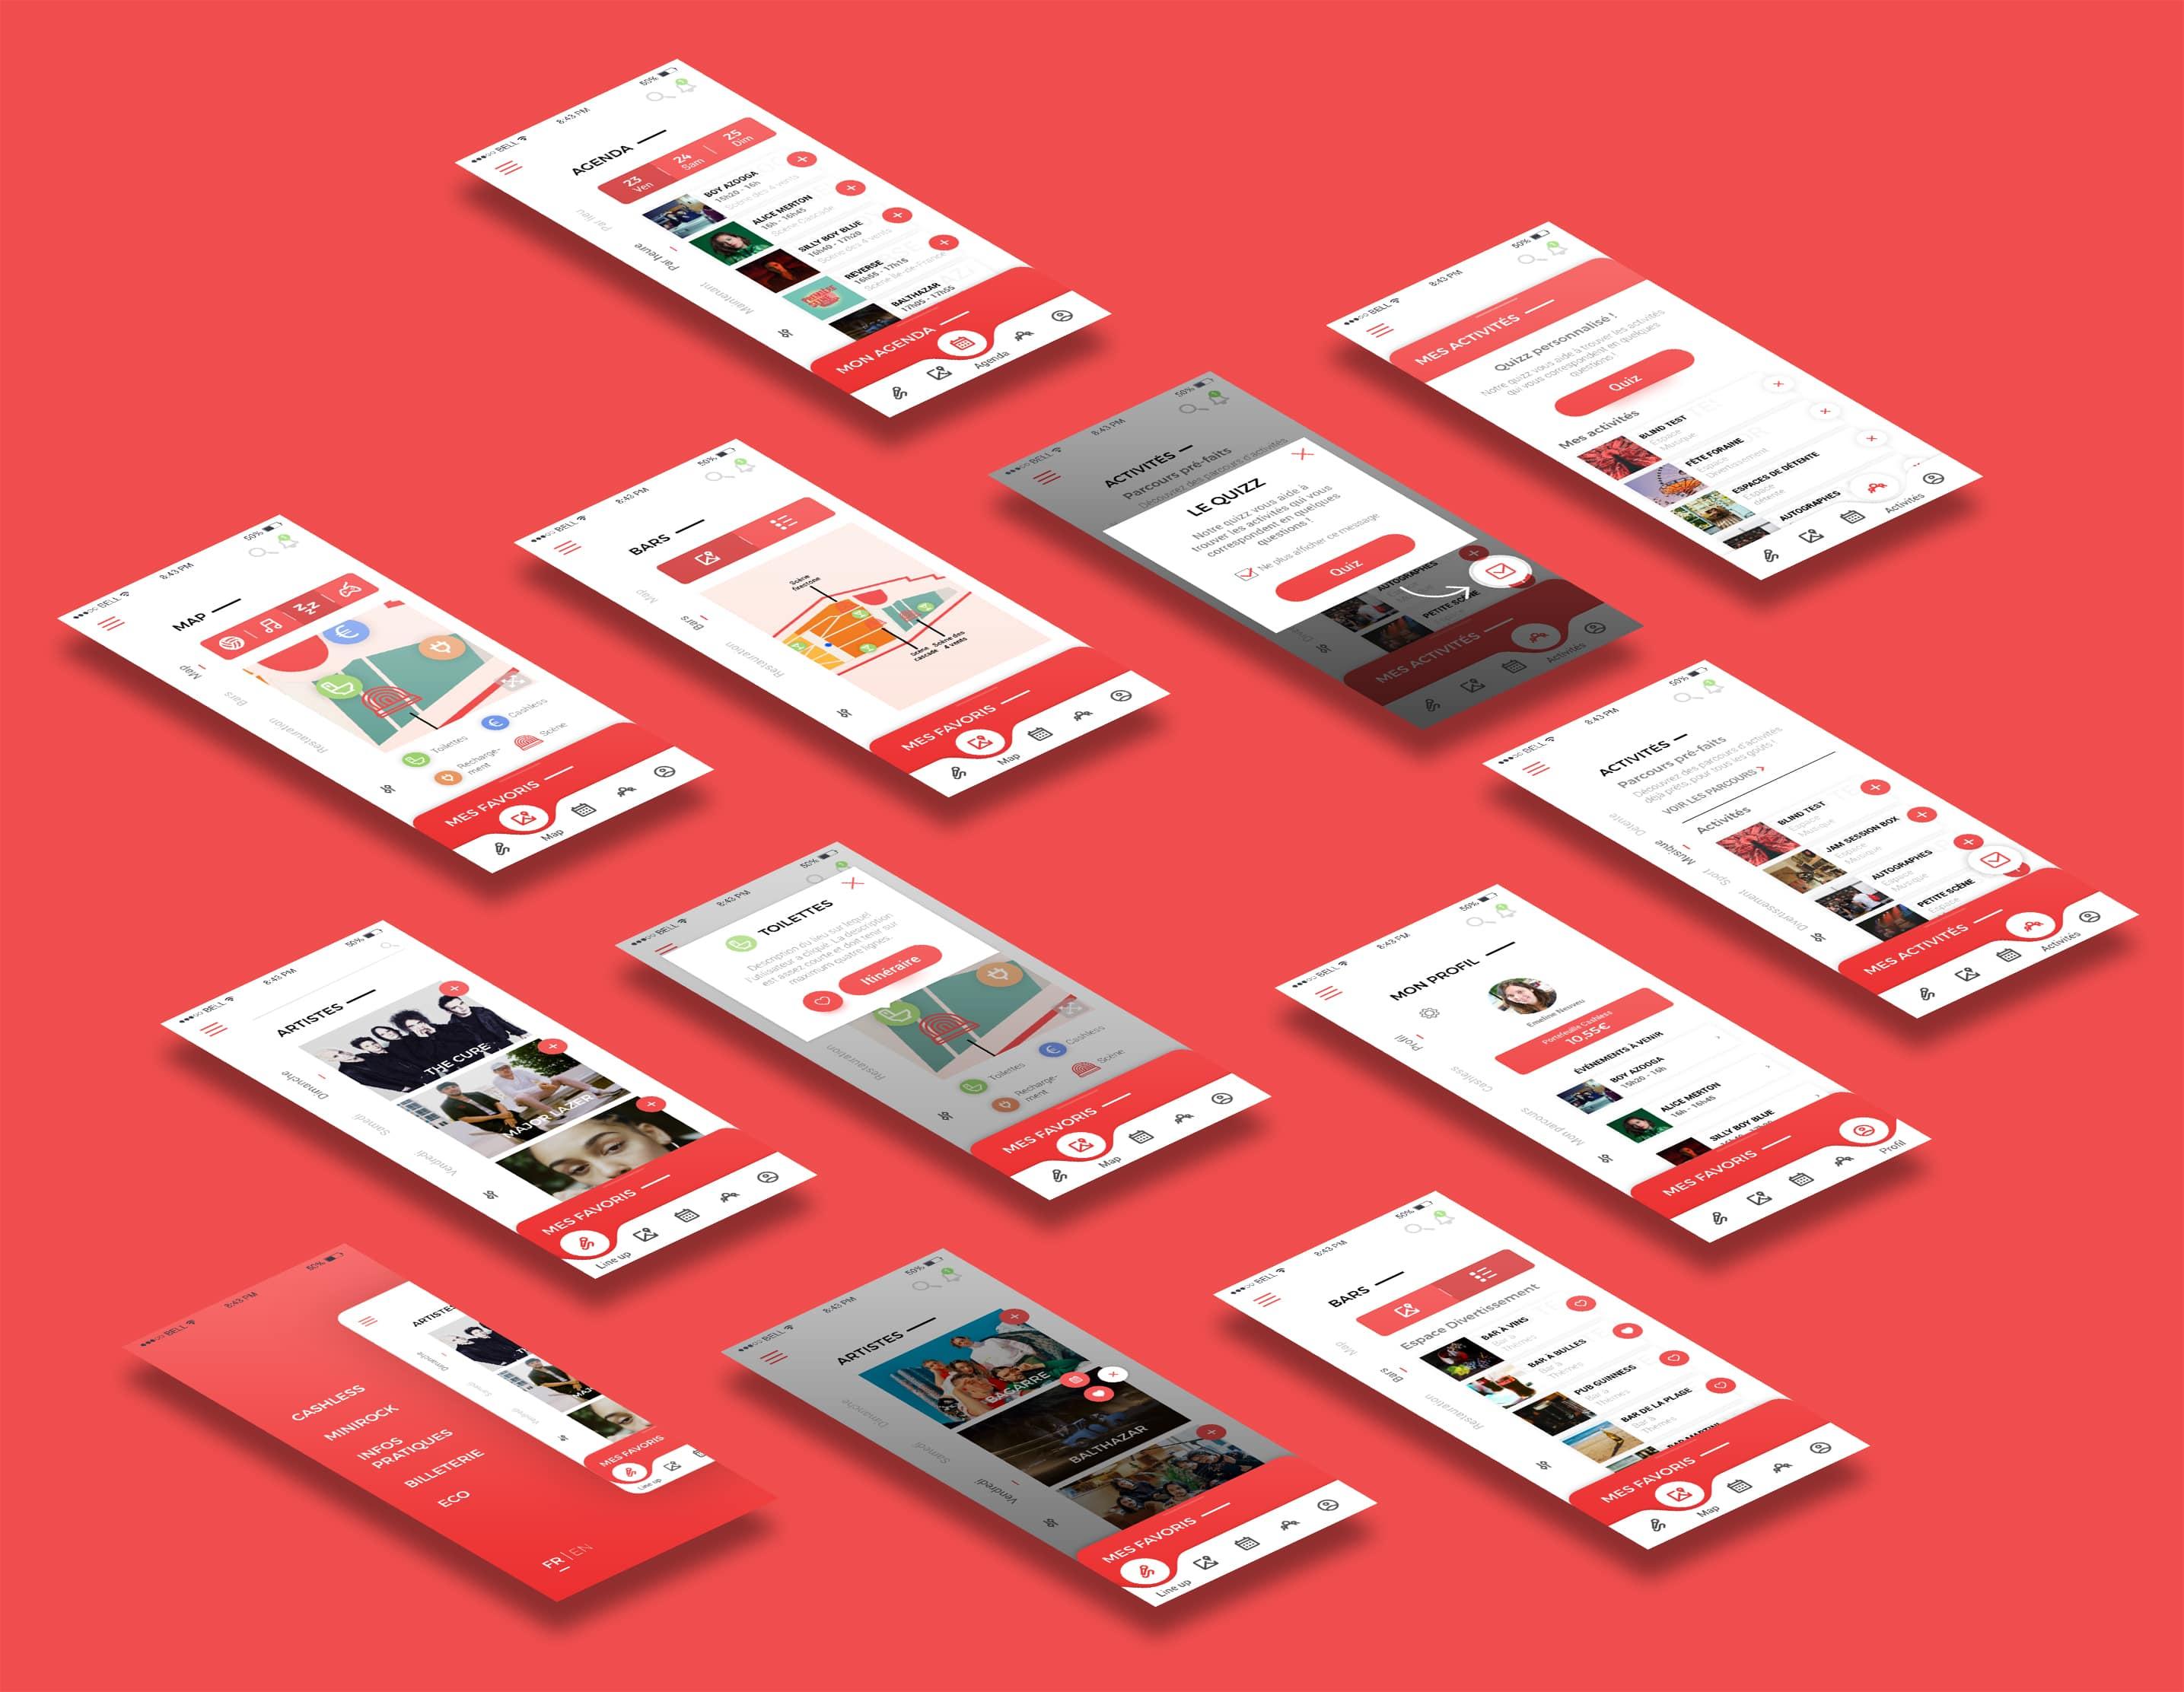 Maquettes UI Design réalisées par une UI Designer pour une application mobile.